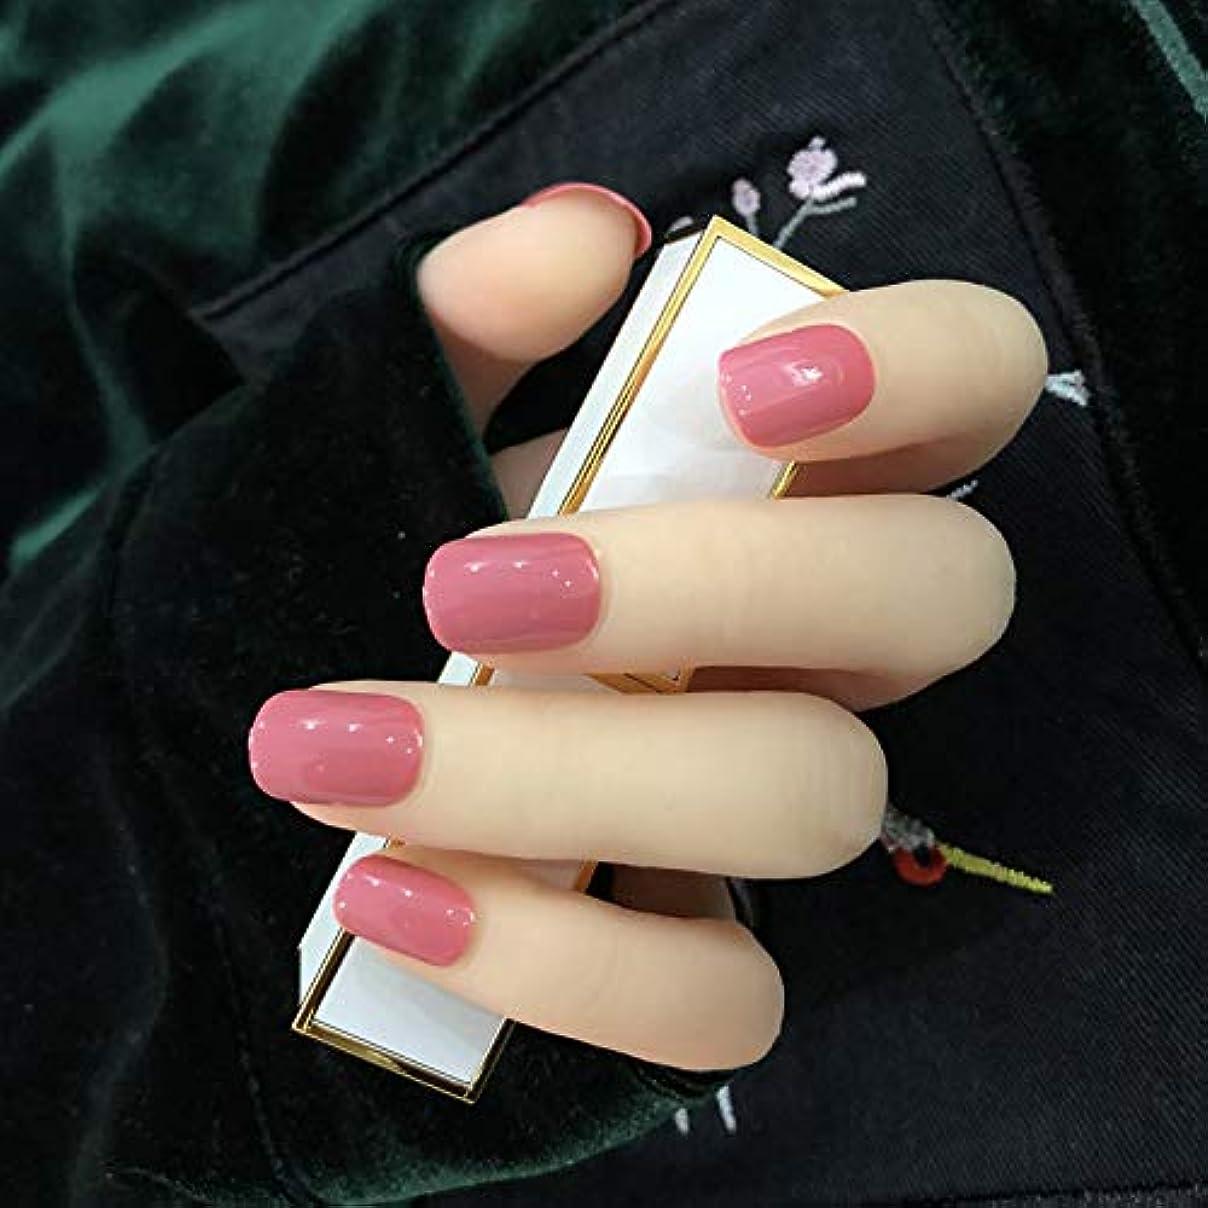 圧縮する想定こどもセンターオフィスネイルチップ 24枚 ショートつけ爪 シンプルワンカラーレディースカラージェル (ローズレッド)